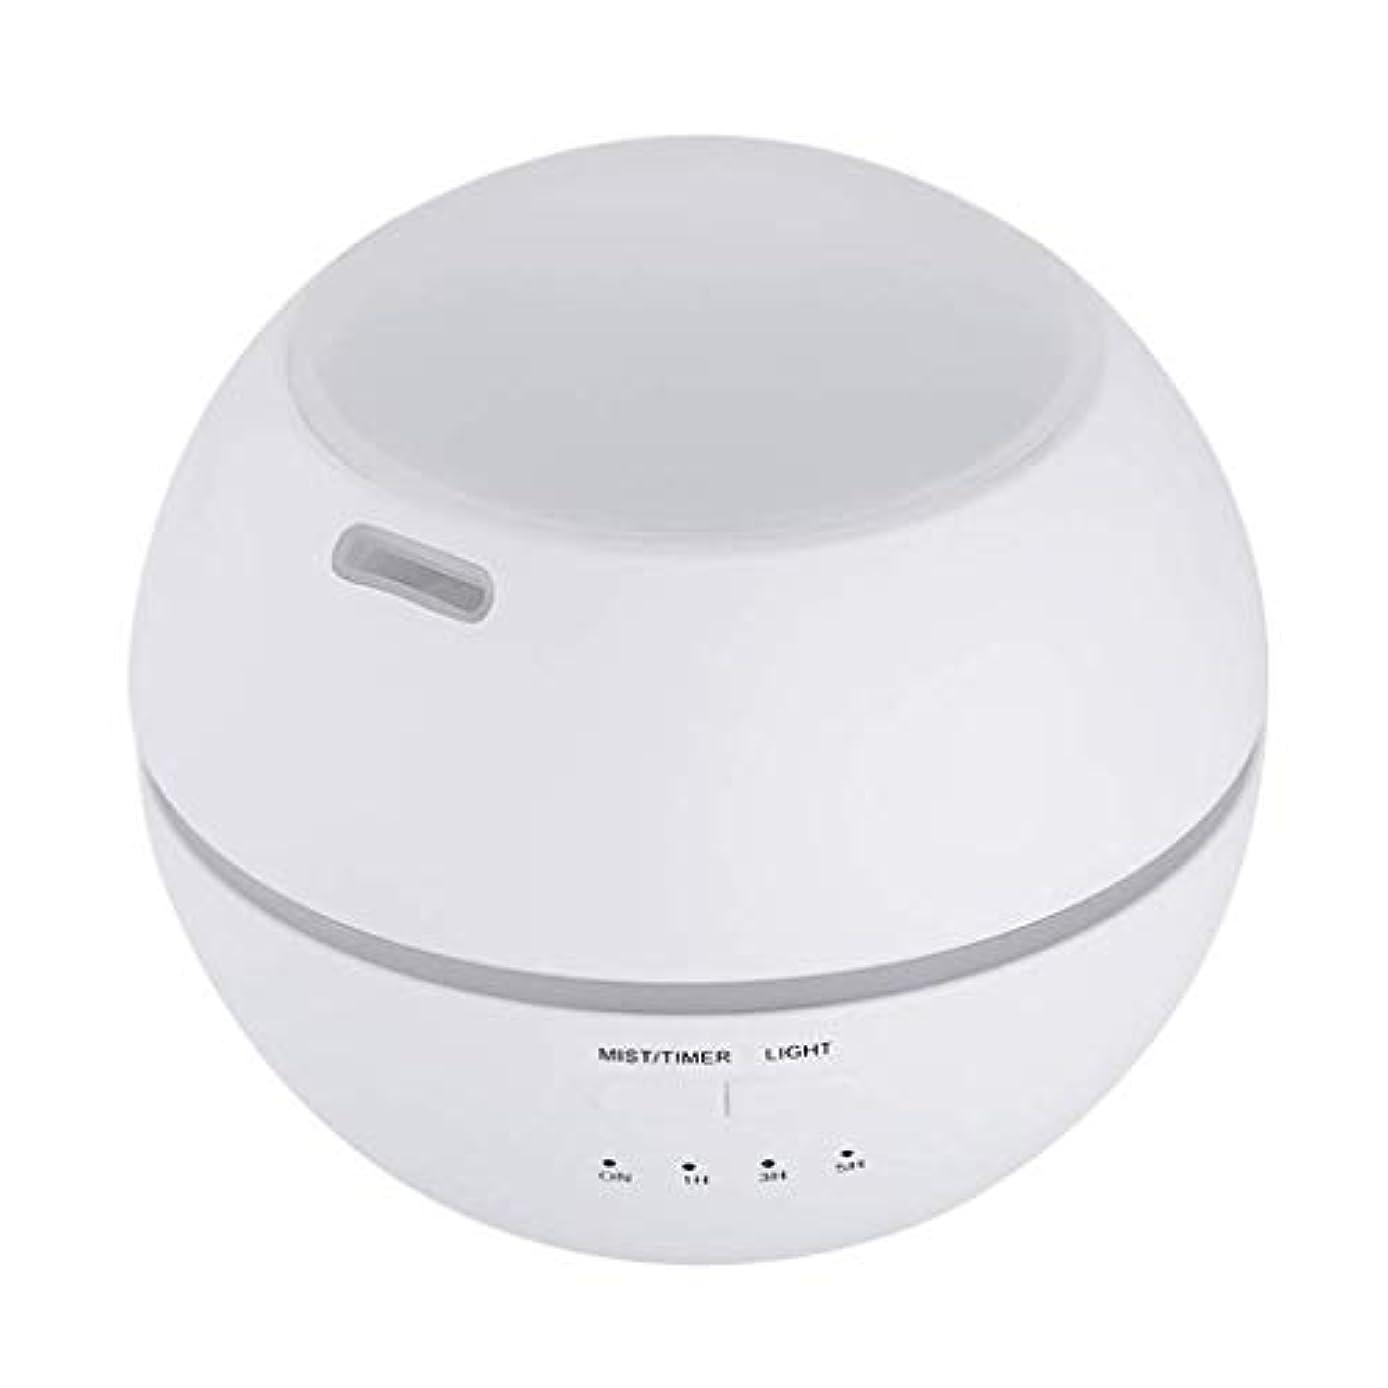 解読する解くアッティカス加湿器、ポータブルアロマテラピーランプ、エッセンシャルオイルディフューザー加湿器、LEDランプの色を変える、空気清浄アロマテラピーマシン、サイレント家庭用 (Color : 白)